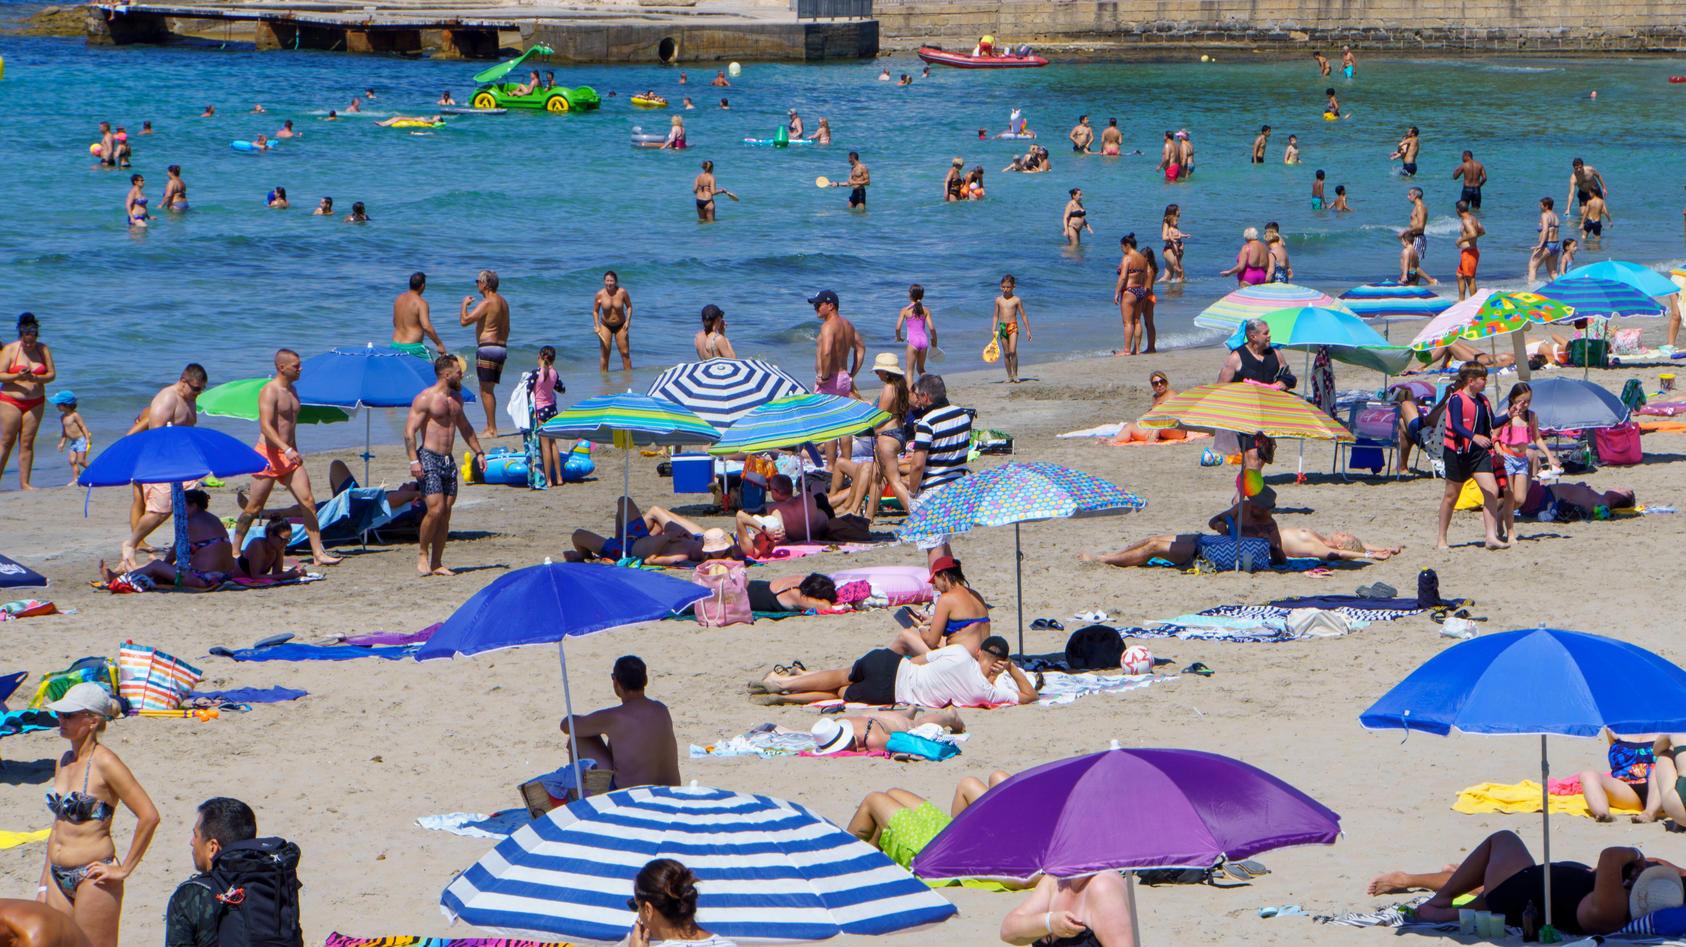 Strand von Paquera auf Mallorca, Spanien, im zweiten Jahr der Corona-PandemieMallorca-